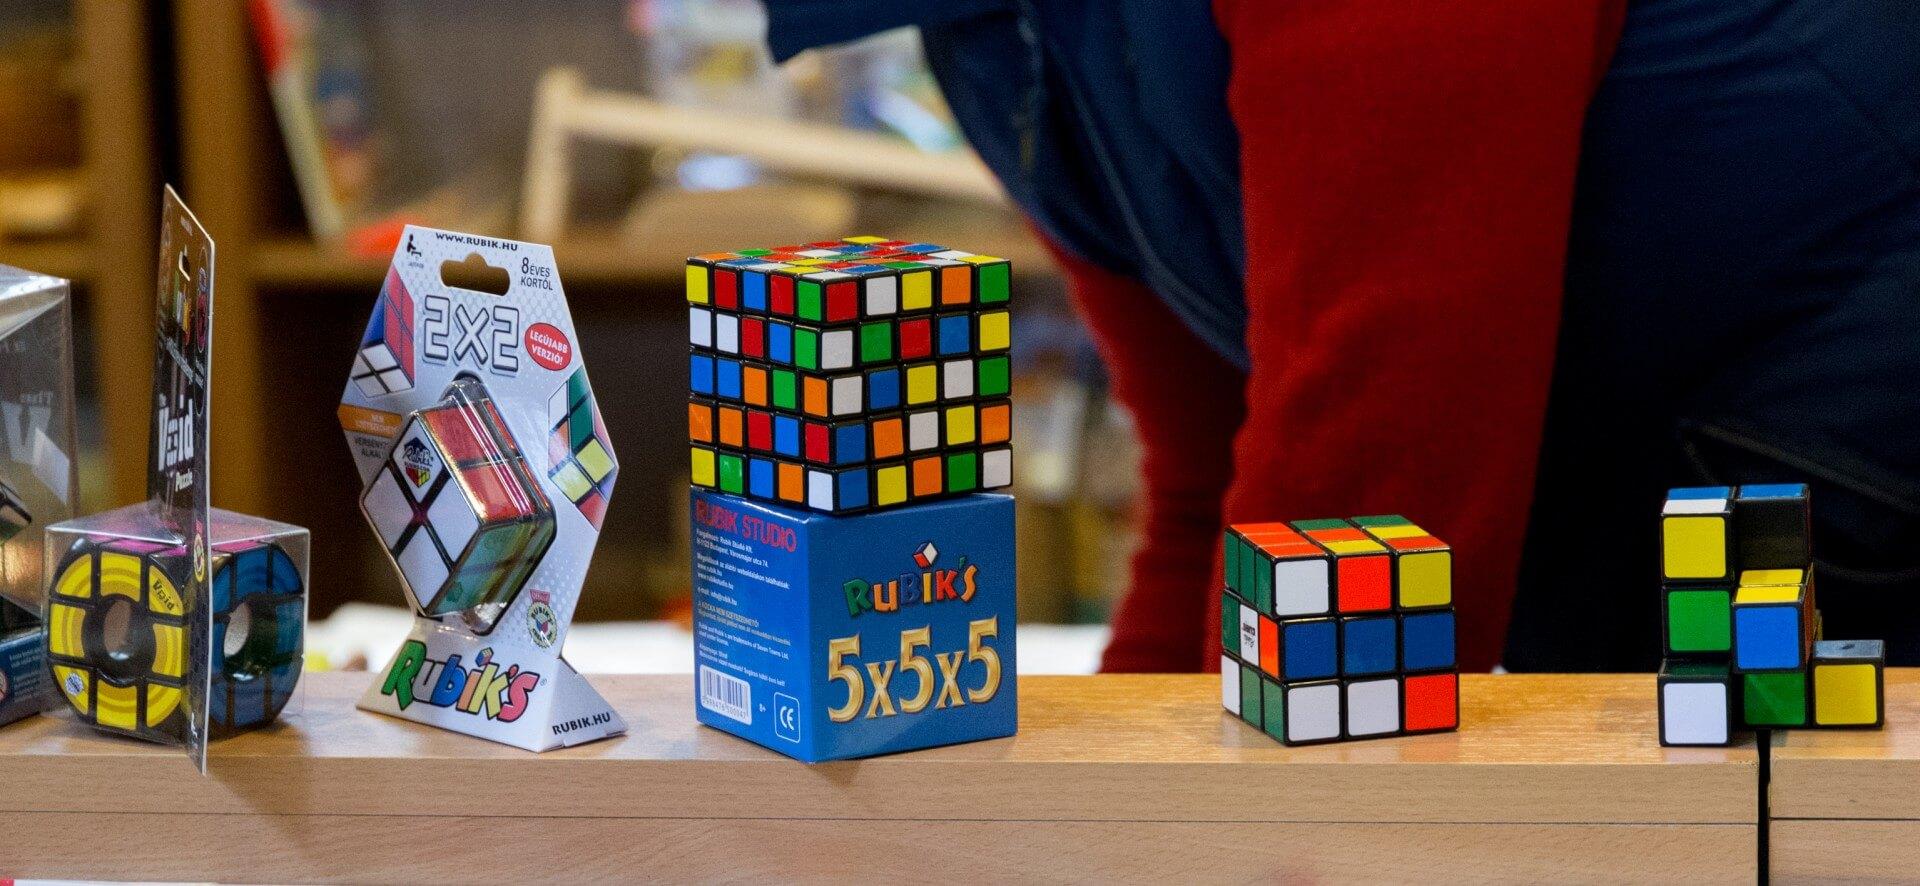 Rubik's Cube - der Zauberwürfel aus Ungarn, Markthalle Budapest